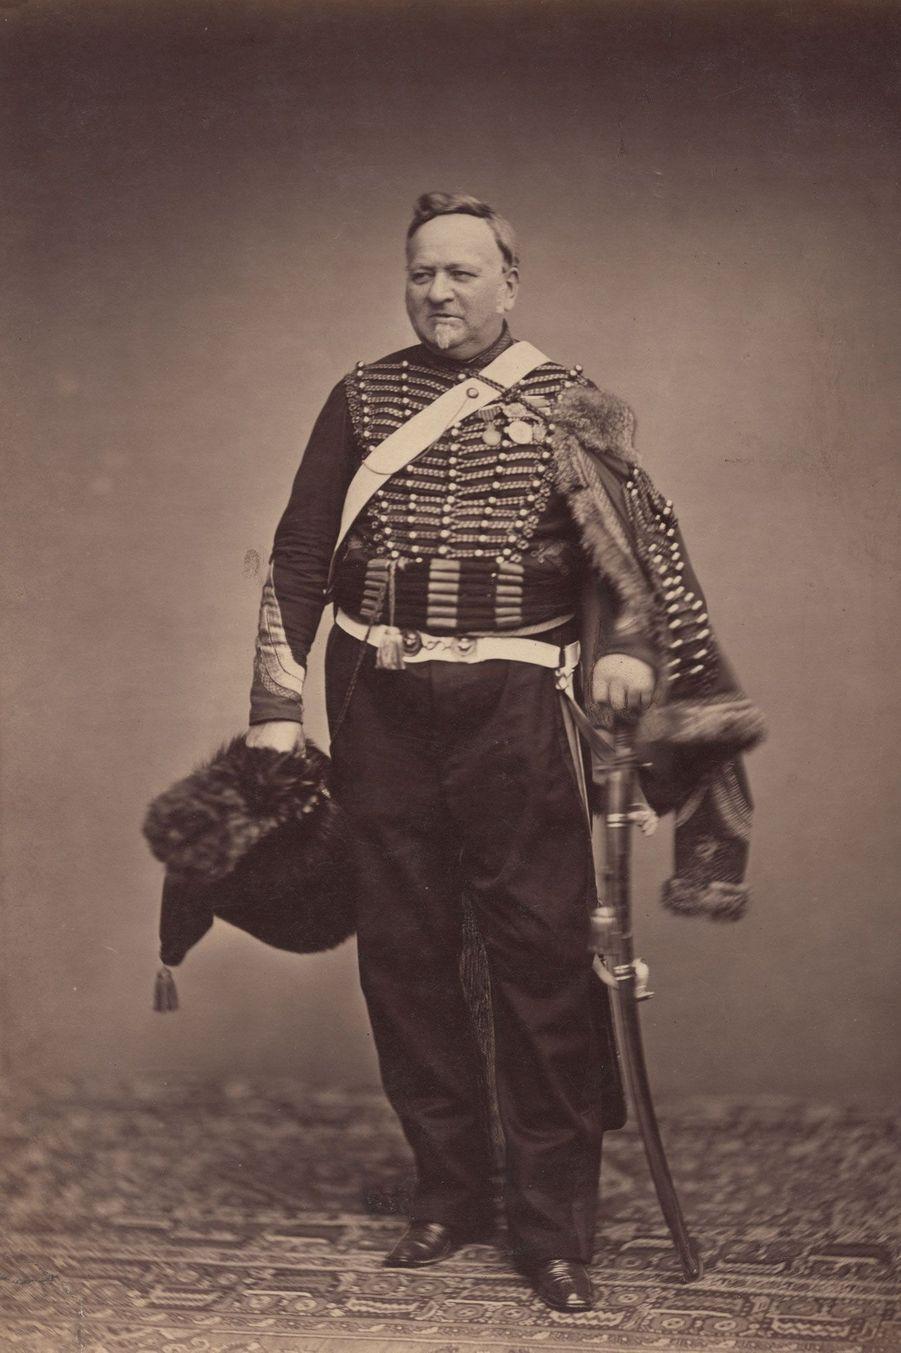 L'administrateur des troupes. Monsieur Delignon s'occupait de l'approvisionnement des troupes : nourriture, vêtements, munitions.